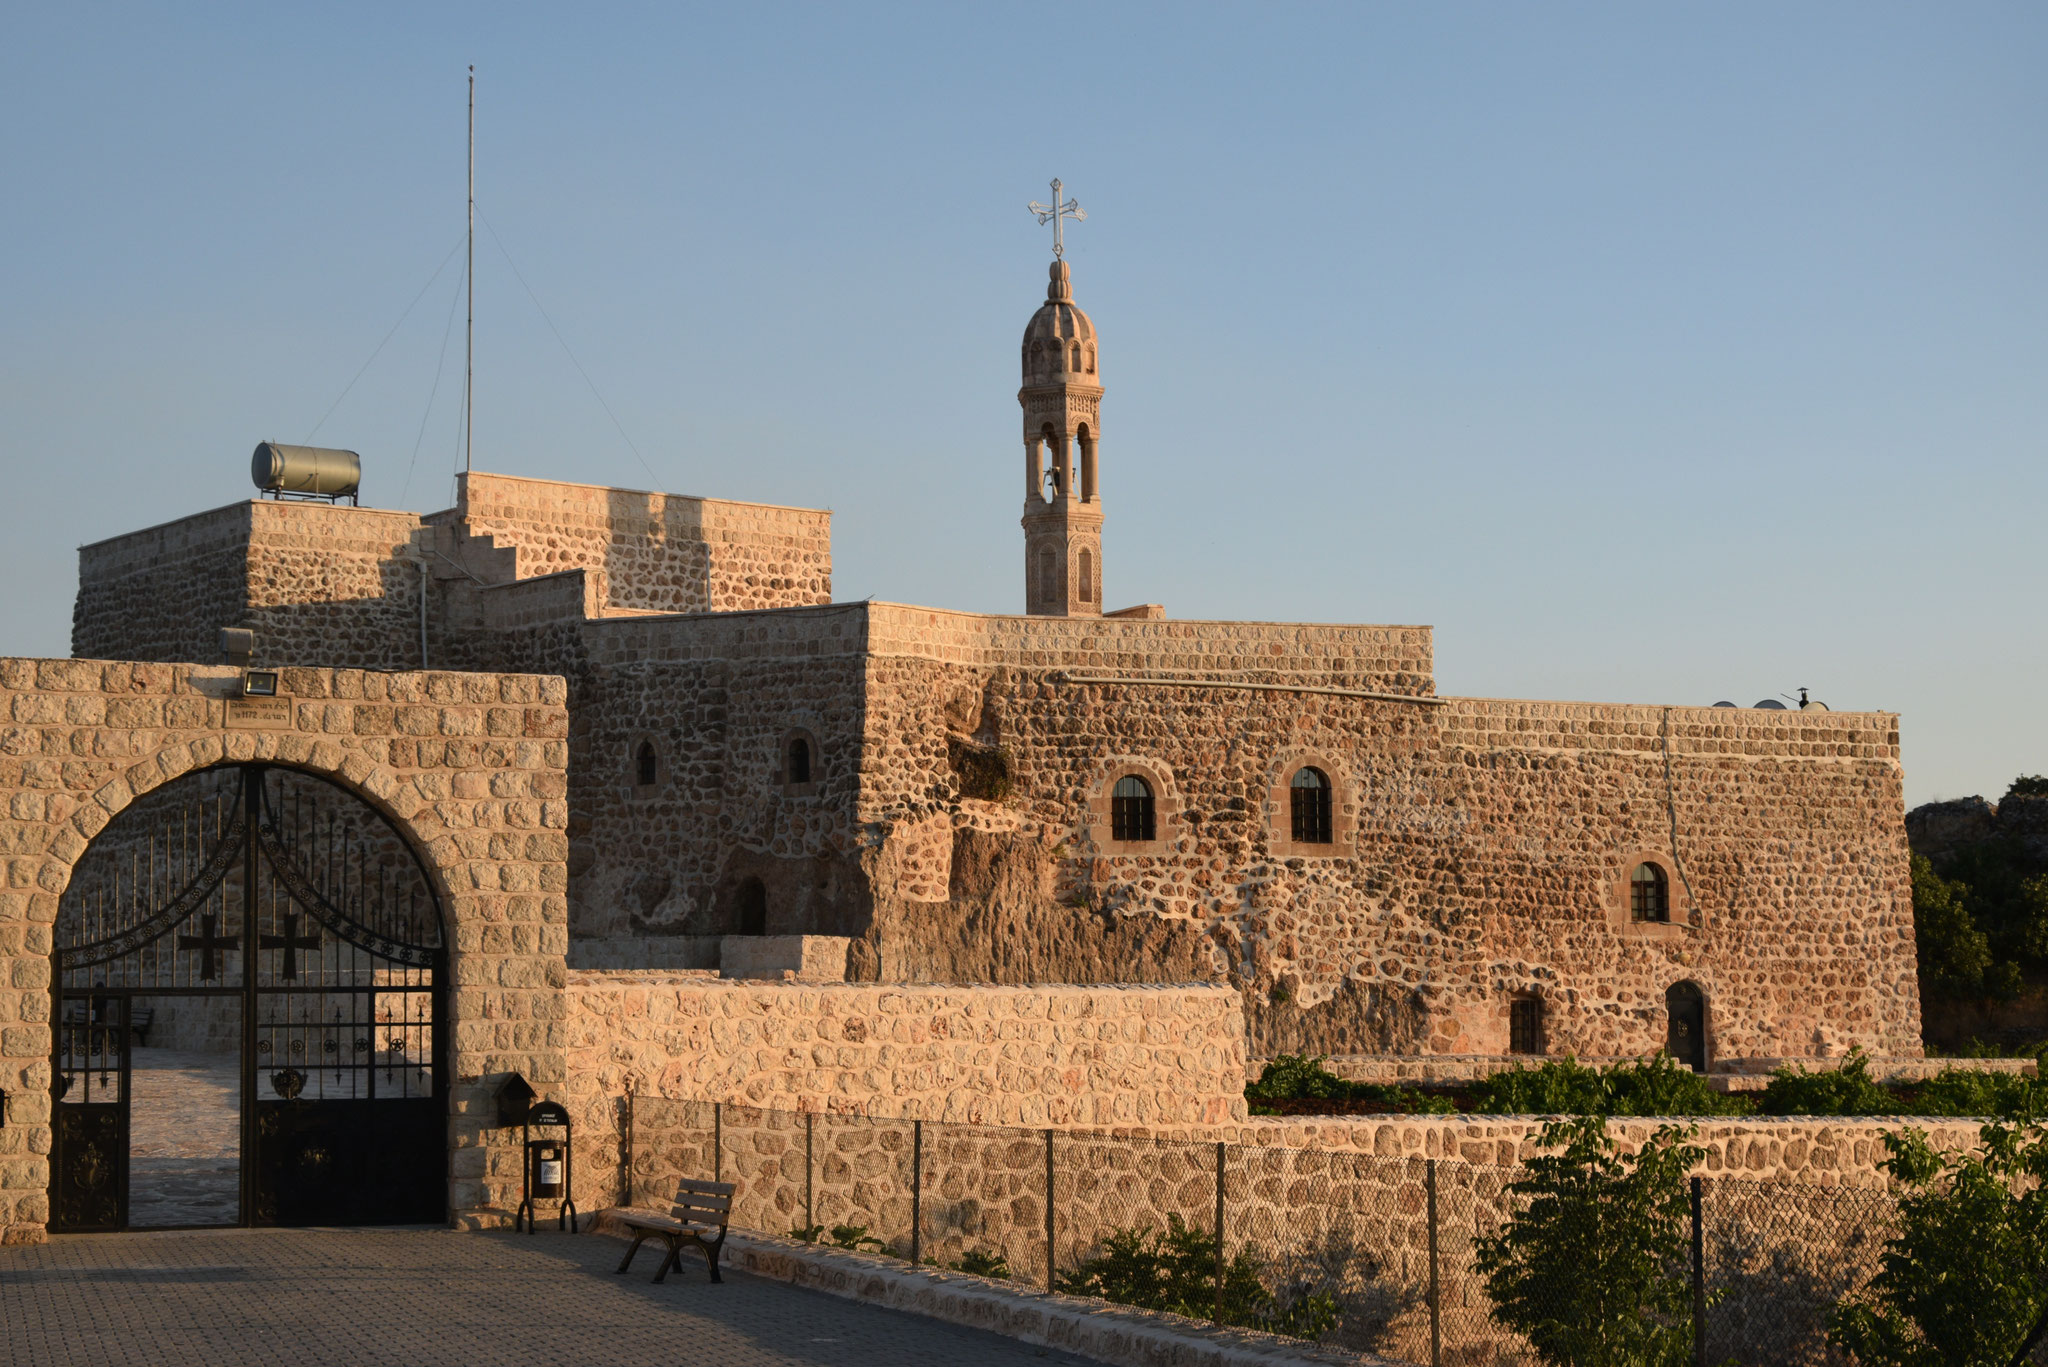 Das Kloster Mor Yakub (Karno) geht auf das 6. Jahrhundert zurück. Es liegt auf einer Anhöhe des Izlo-Gebirges und wurde vor wenigen Jahren renoviert.